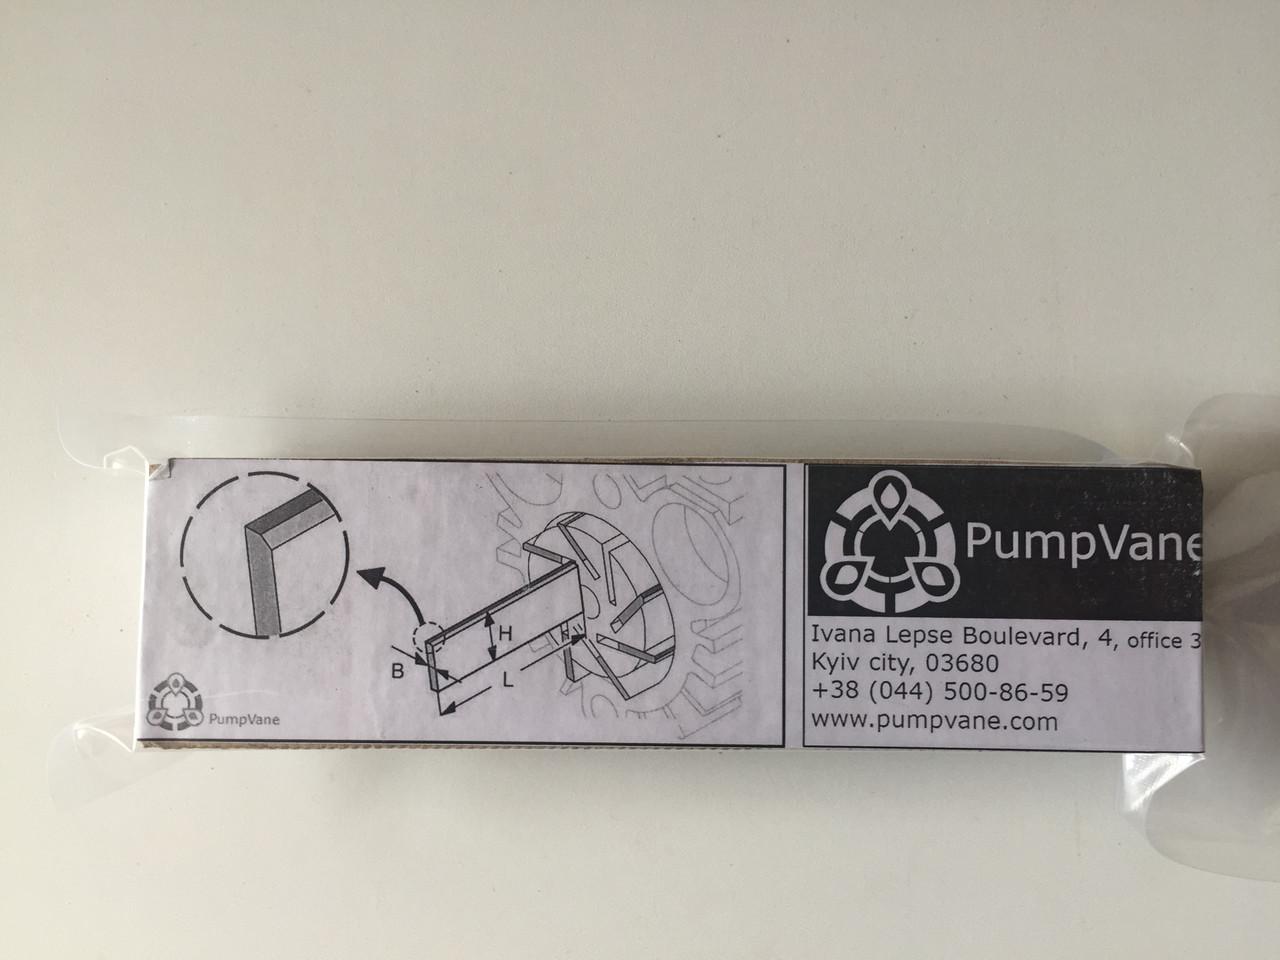 60*17,8*3,92 Лопатка пластиковая для вакуумного насоса Лопатки для Busch R5 0010/R5 0016 724105206